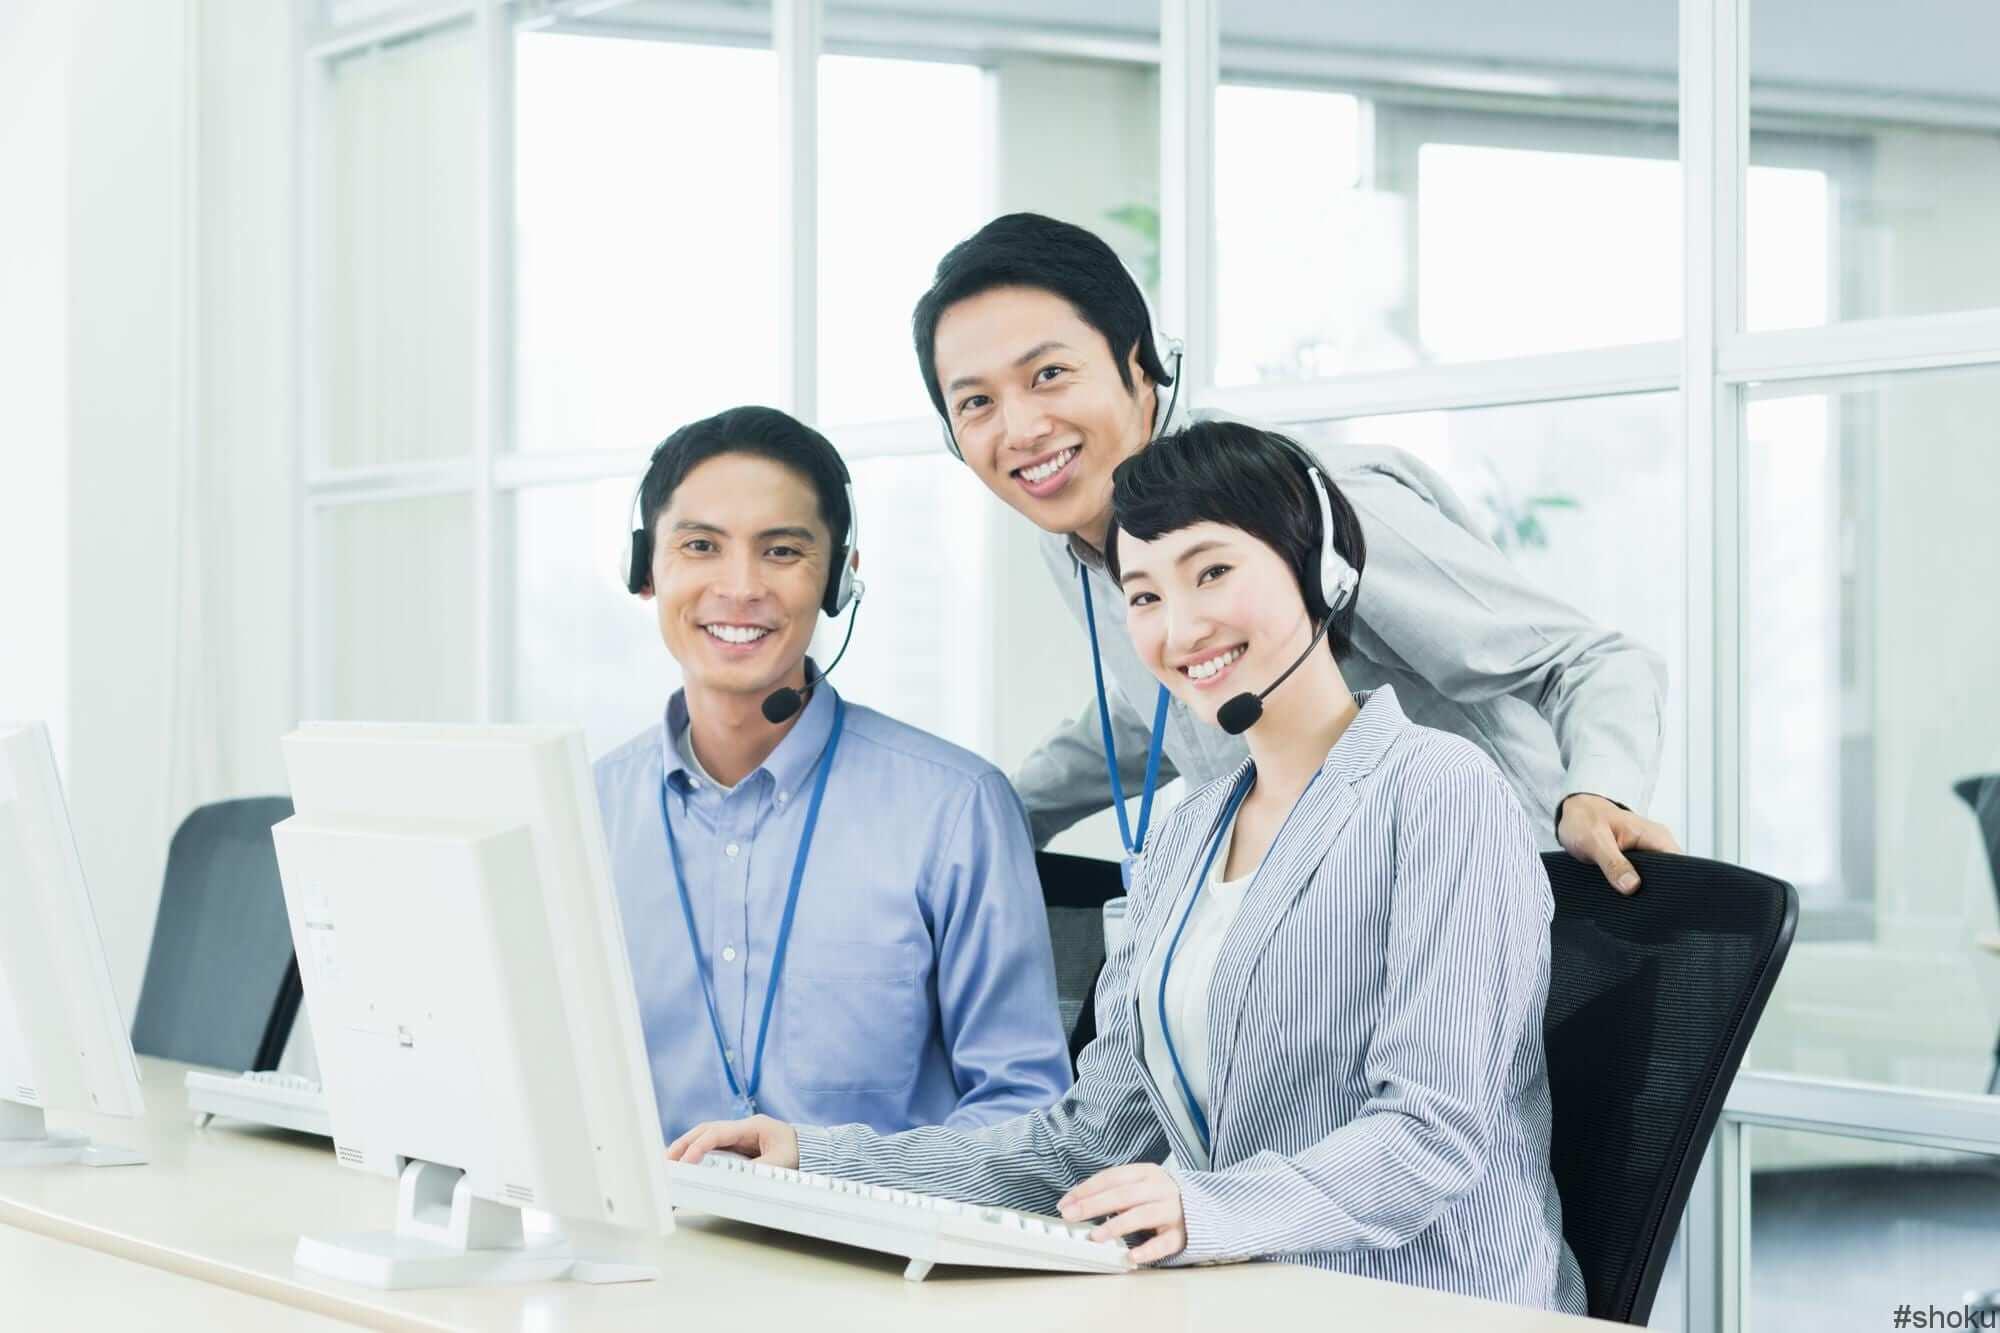 コールセンターで働くことによりやりがいを感じている男女